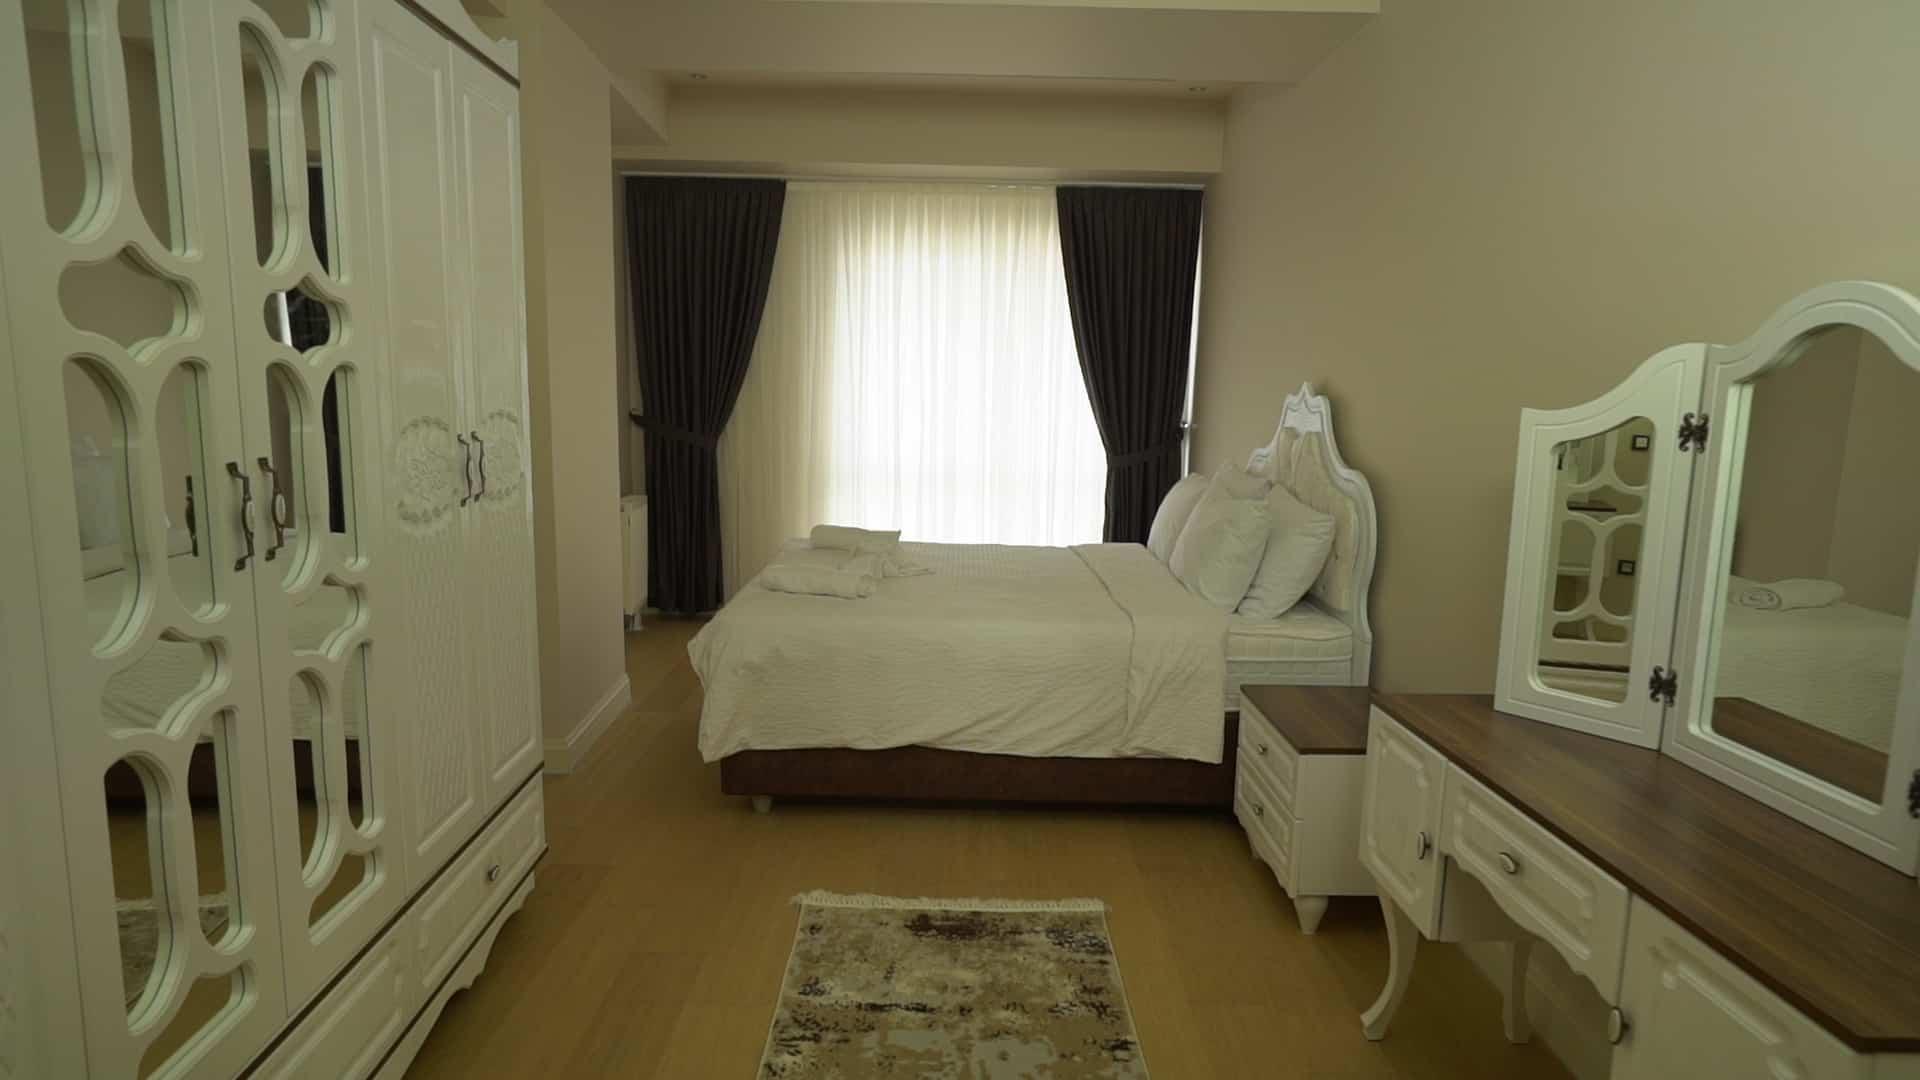 غرفة نوم شقق للايجار في فينيسيا لمدة اسبوع غرفتين وصالون